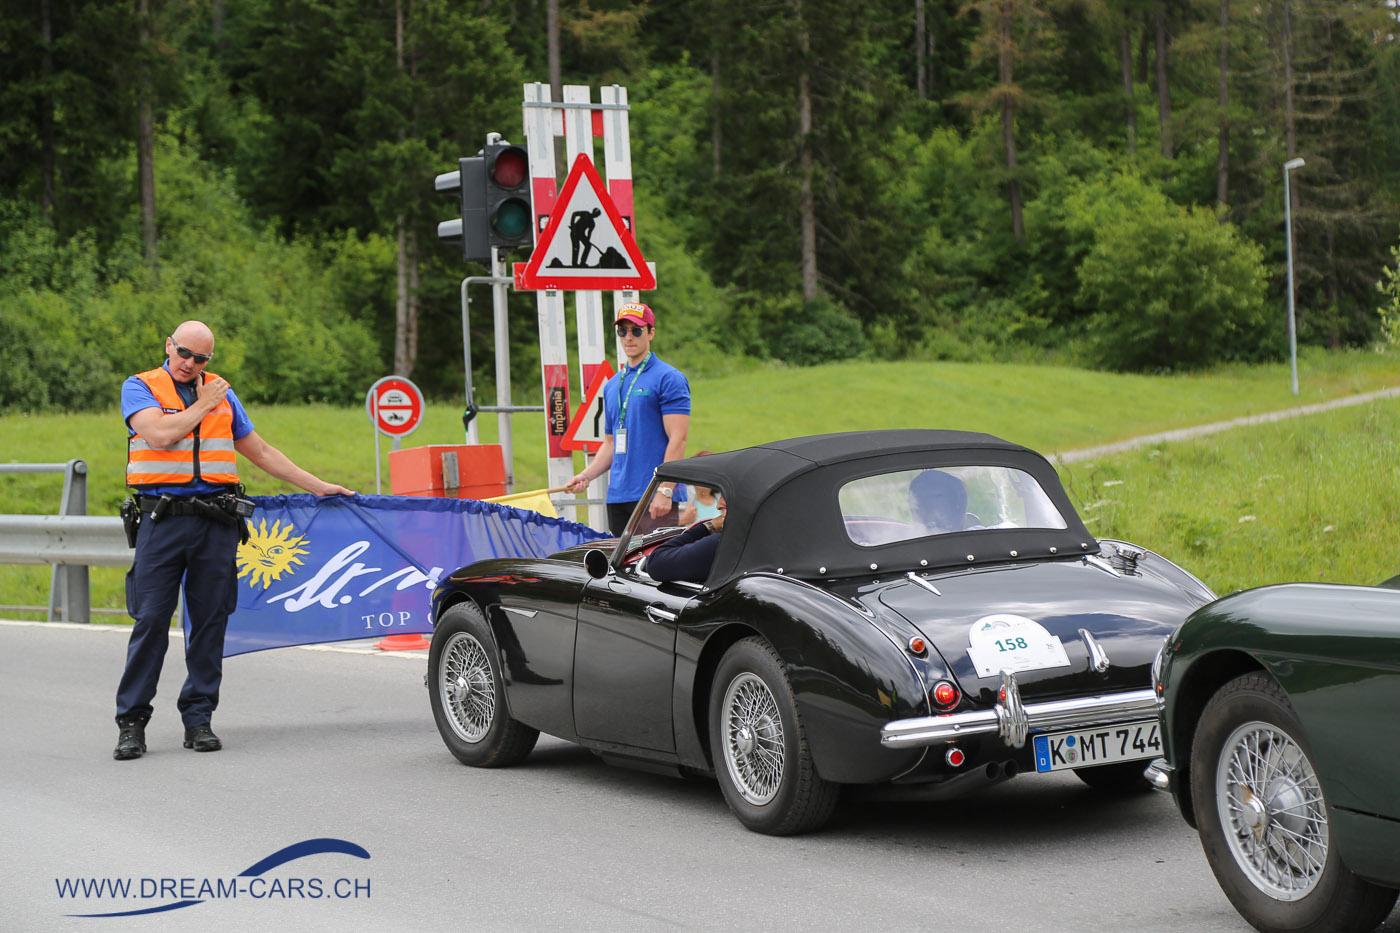 BCCM - British Classic Car Meeting St. Moritz, 5. bis 8. Juli 2018. Start zur Horseshoe Challenge von Celerina nach St. Moritz